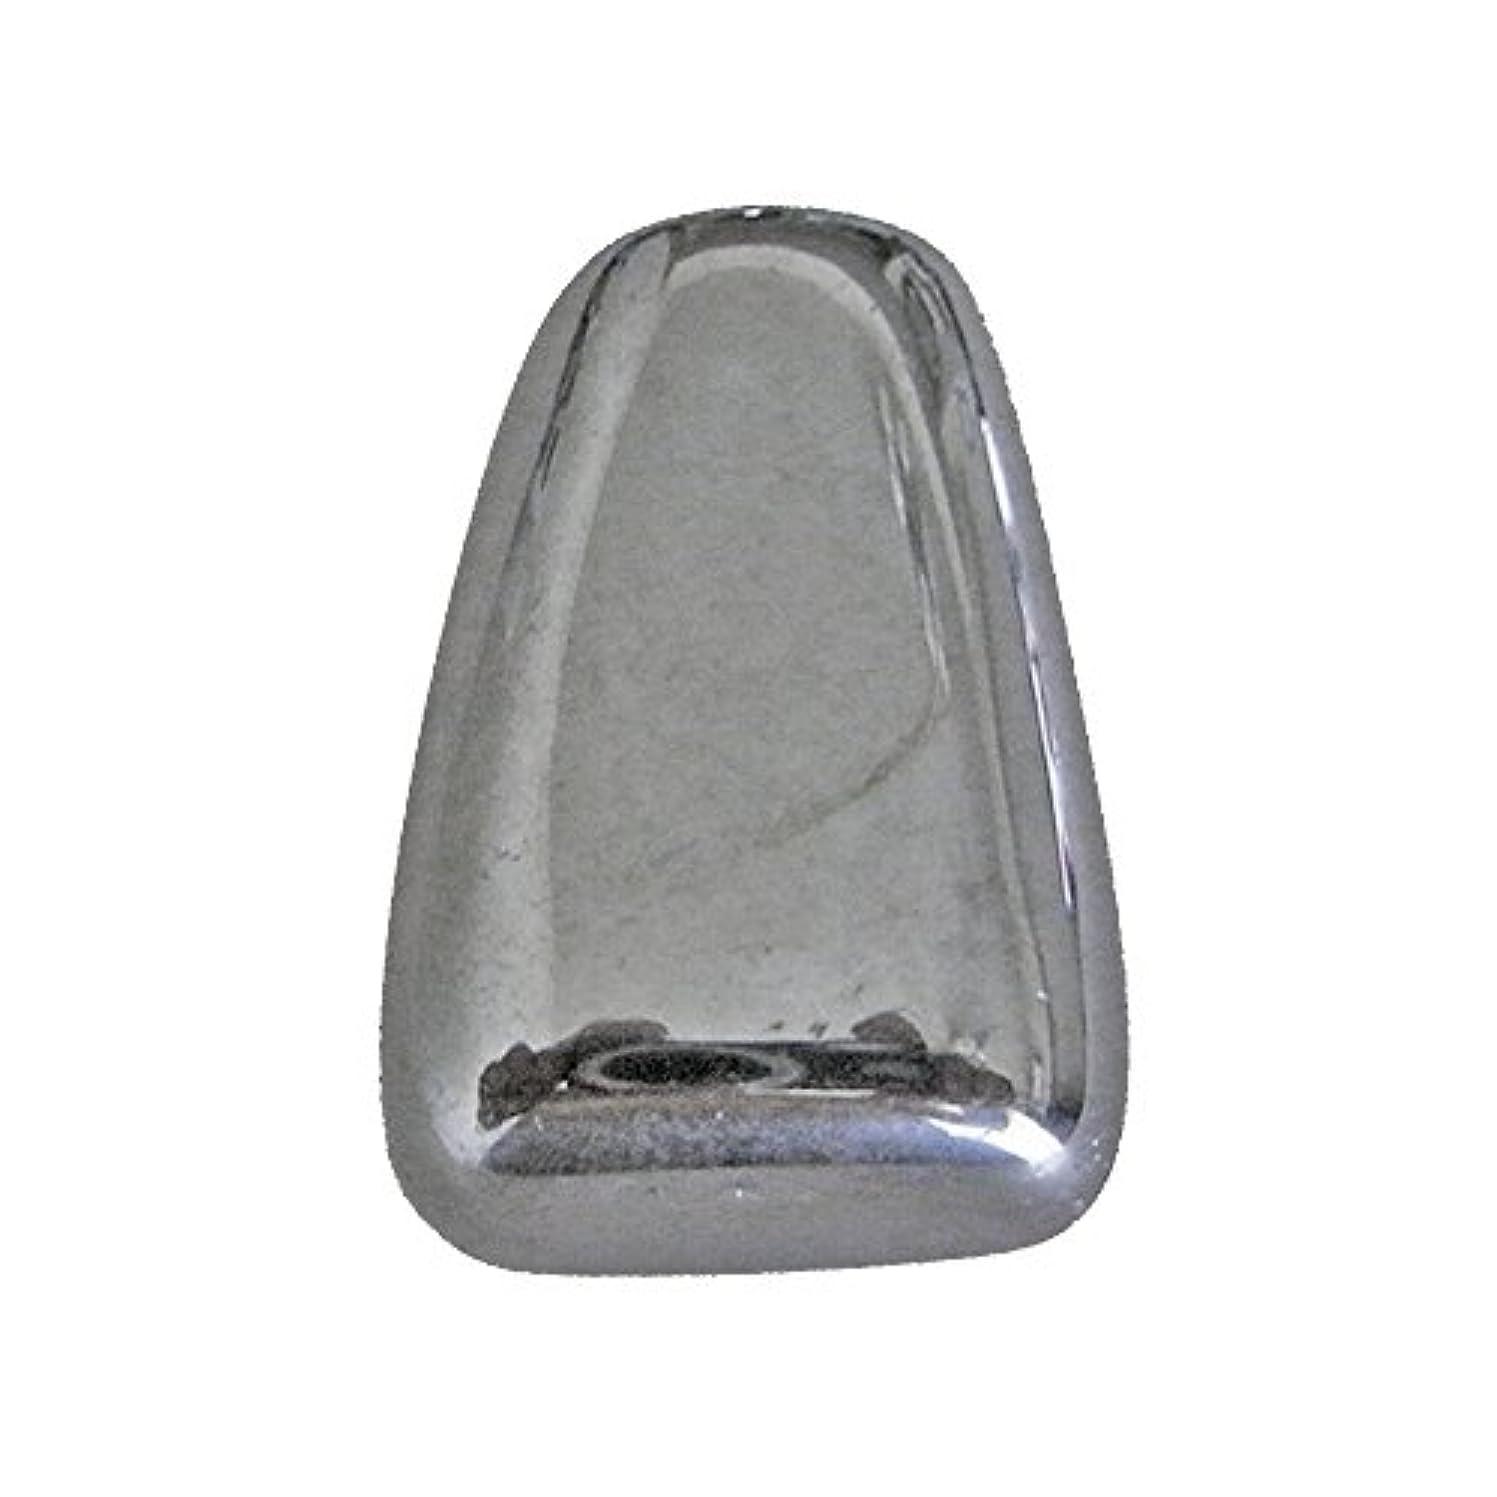 取得する台無しにフィヨルドNatural Pure ドクターノバリア テラヘルツ ソニックストーン1個用 リフトアップ&小顔対応 50~55g前後本物の証